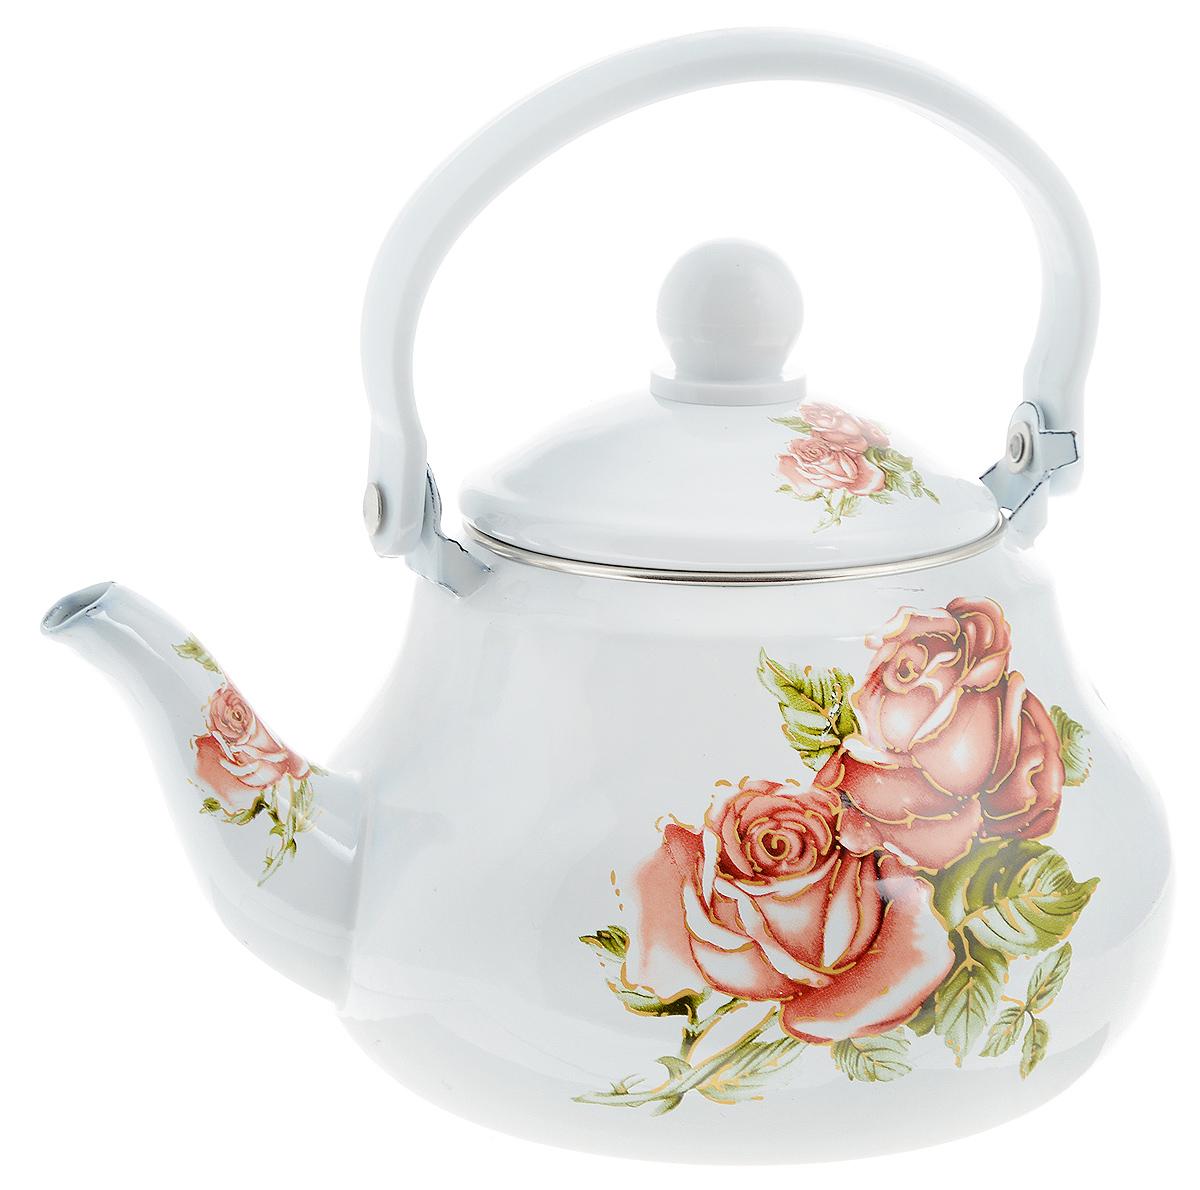 Чайник заварочный Mayer & Boch Яркие розы, 1,5 л115510Заварочный чайник Mayer & Boch Яркие розы изготовлен из высококачественной углеродистой стали с эмалированным покрытием. Такое покрытие защищает сталь от коррозии, придает посуде гладкую стекловидную поверхность и надежно защищает от кислот и щелочей. Изделие прекрасно подходит для заваривания вкусного и ароматного чая, травяных настоев. Чайник оснащен сетчатым фильтром, который задерживает чаинки и предотвращает их попадание в чашку. Оригинальный дизайн сделает чайник настоящим украшением стола. Он удобен в использовании и понравится каждому. Подходит для использования на газовых, стеклокерамических, электрических, галогеновых и индукционных плитах. Можно мыть в посудомоечной машине. Диаметр чайника (по верхнему краю): 9,5 см. Высота чайника (без учета крышки): 11 см.Толщина стенок: 8 мм.